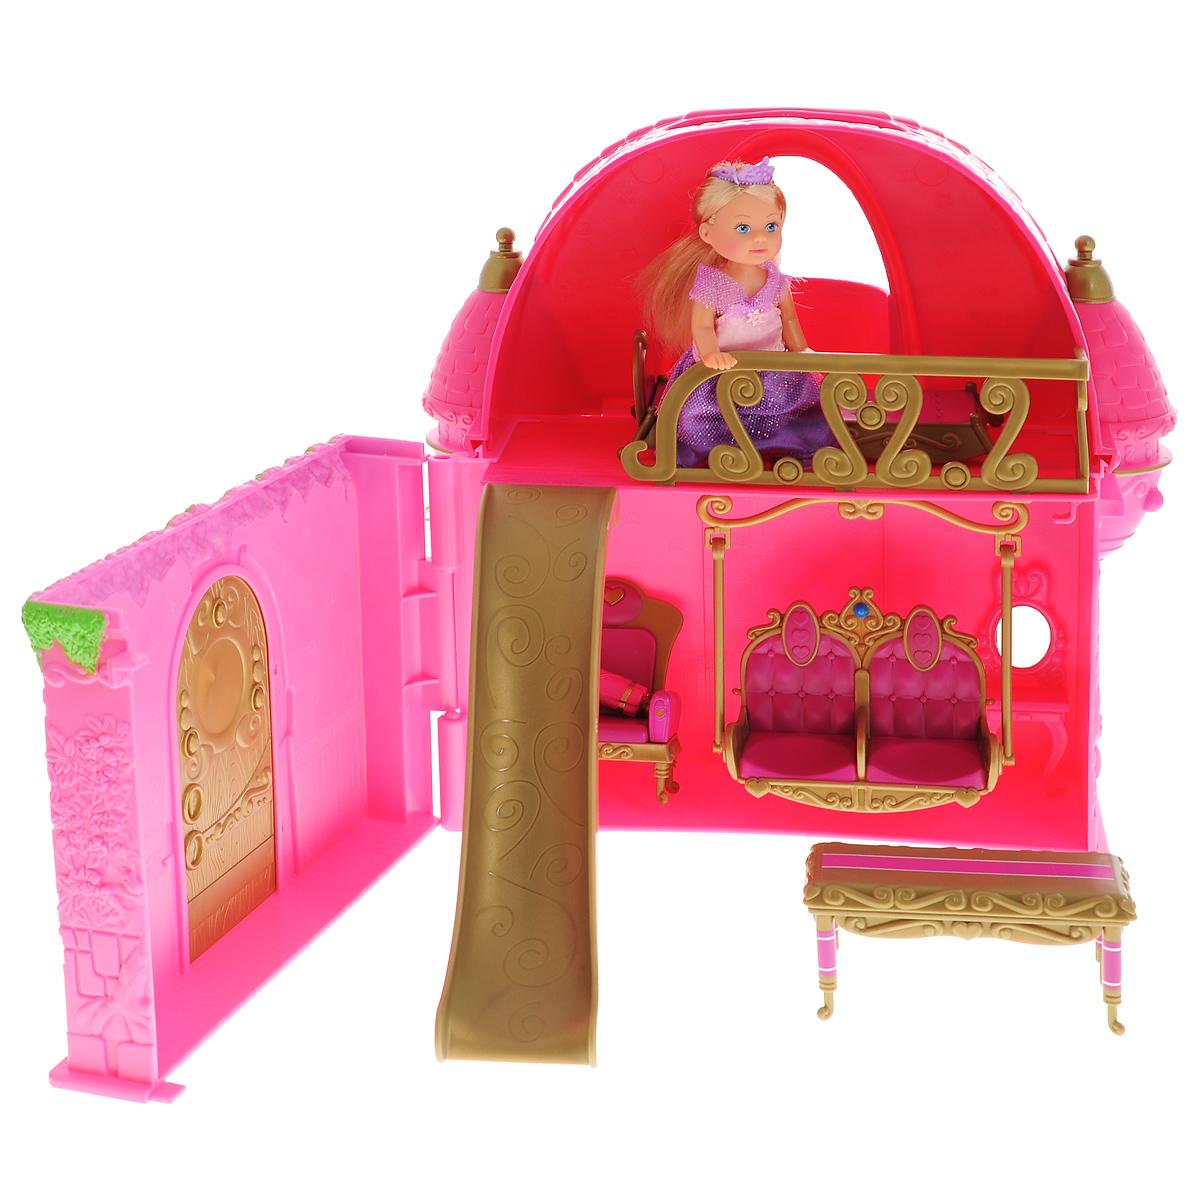 Simba Игровой набор с мини-куклами Сказочный замок для Еви5737146Игровой набор Simba Сказочный замок для Еви представляет собой настоящий волшебный дворец, выполненный в виде чемоданчика. Такой набор привлечет внимание любой девочки и позволит ей окунуться в сказочный мир волшебства. Дворец-чемоданчик легко складывается, а все элементы набора помещаются внутри, что делает его удобным для хранения и транспортировки. В набор входит кукла, фигурки собачки и кошечки, а также мебель для украшения замка и множество аксессуаров для веселого чаепития, включая яркие тортики, пирожные, чайник и чашки. Кукла Еви одета в элегантное платье принцессы, украшенное блестками. Ноги, руки и голова куклы подвижны. Все элементы набора выполнены из прочного безопасного пластика. Ваша малышка сможет часами играть с этим замечательным набором, придумывая различные истории. Такие игры развивают мелкую моторику, художественный вкус и воображение.